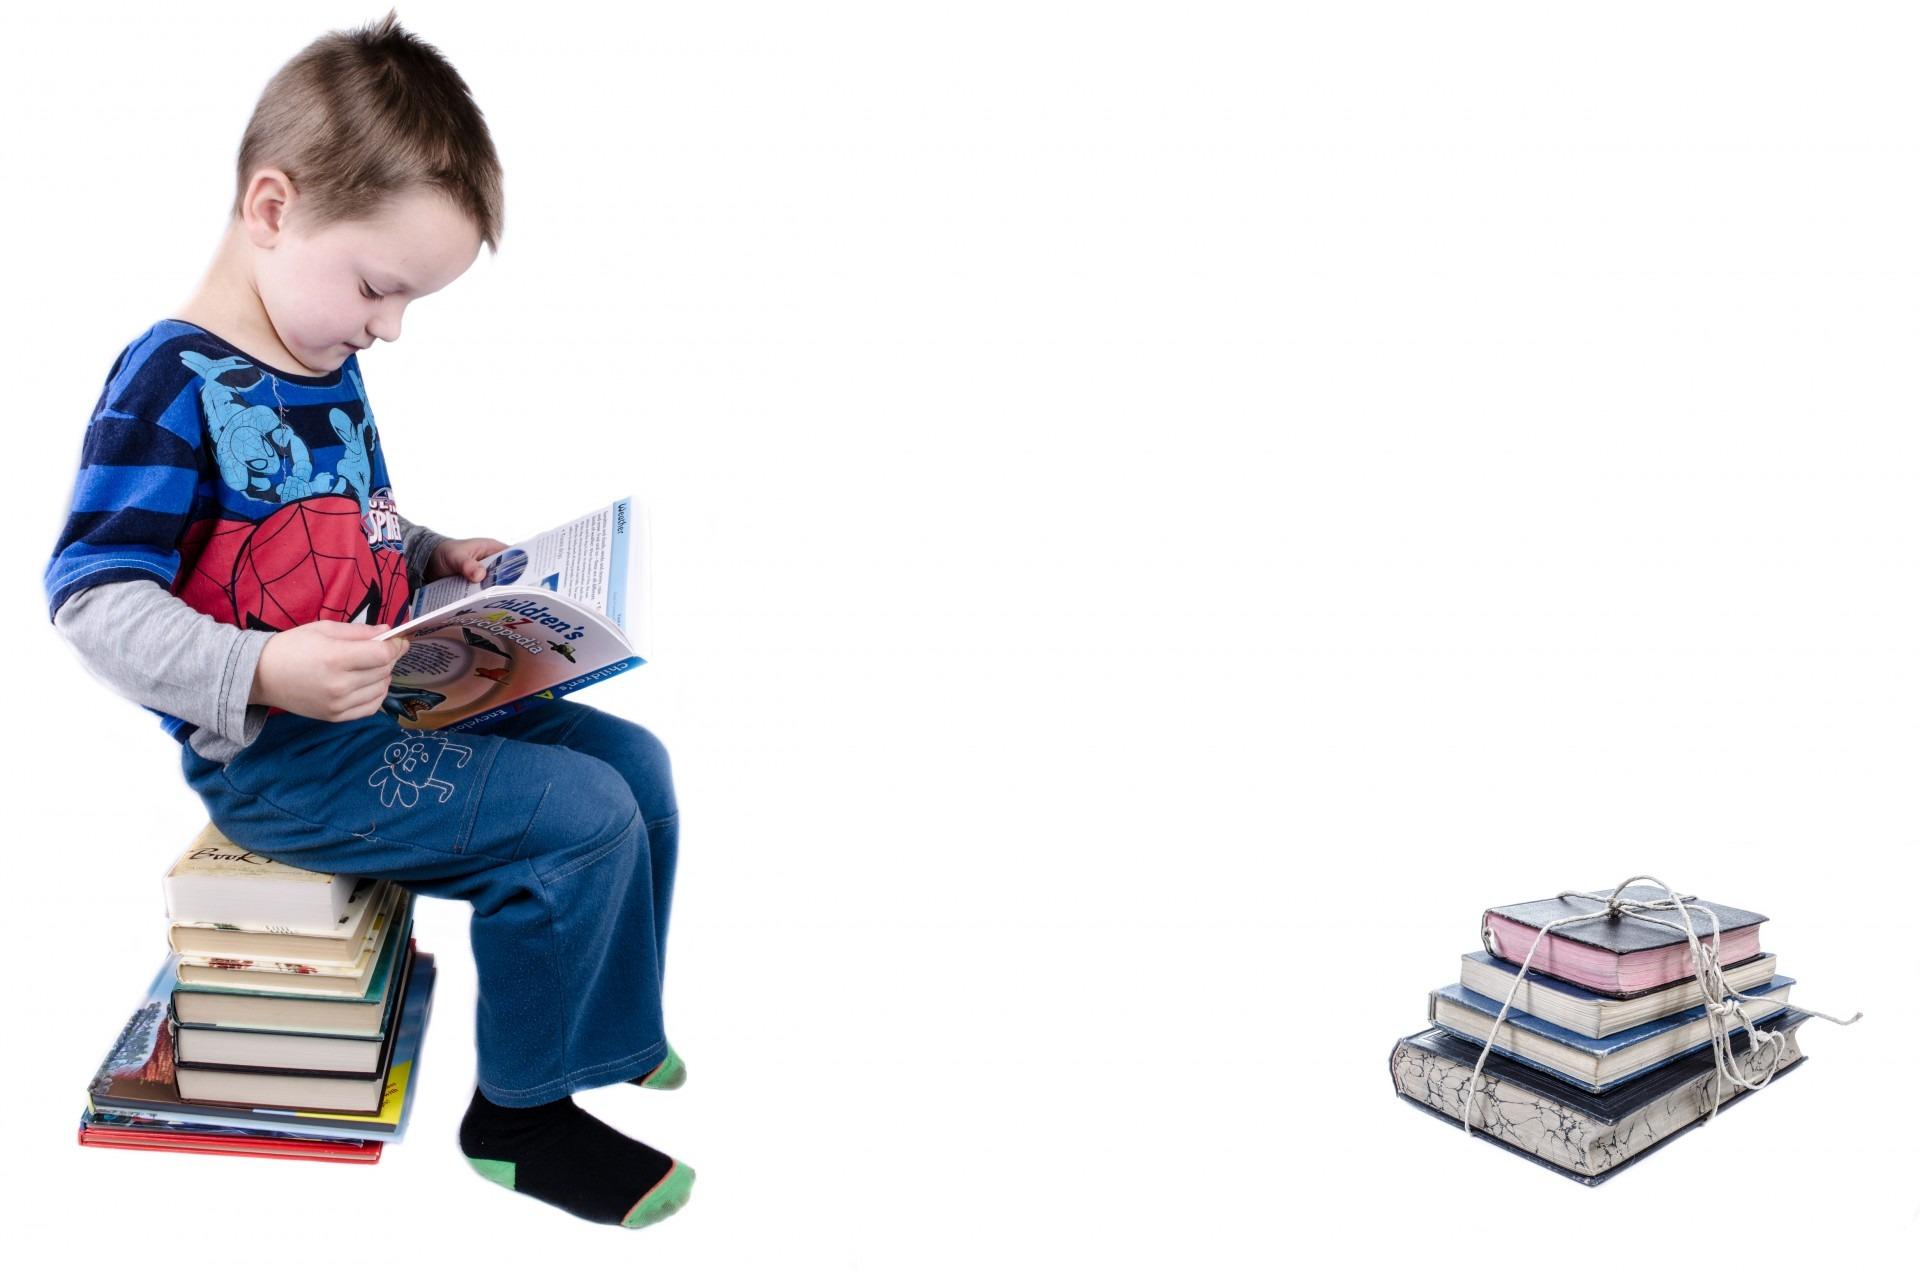 Gambar Book Baca Baca Orang Orang Orang Putih Bermain